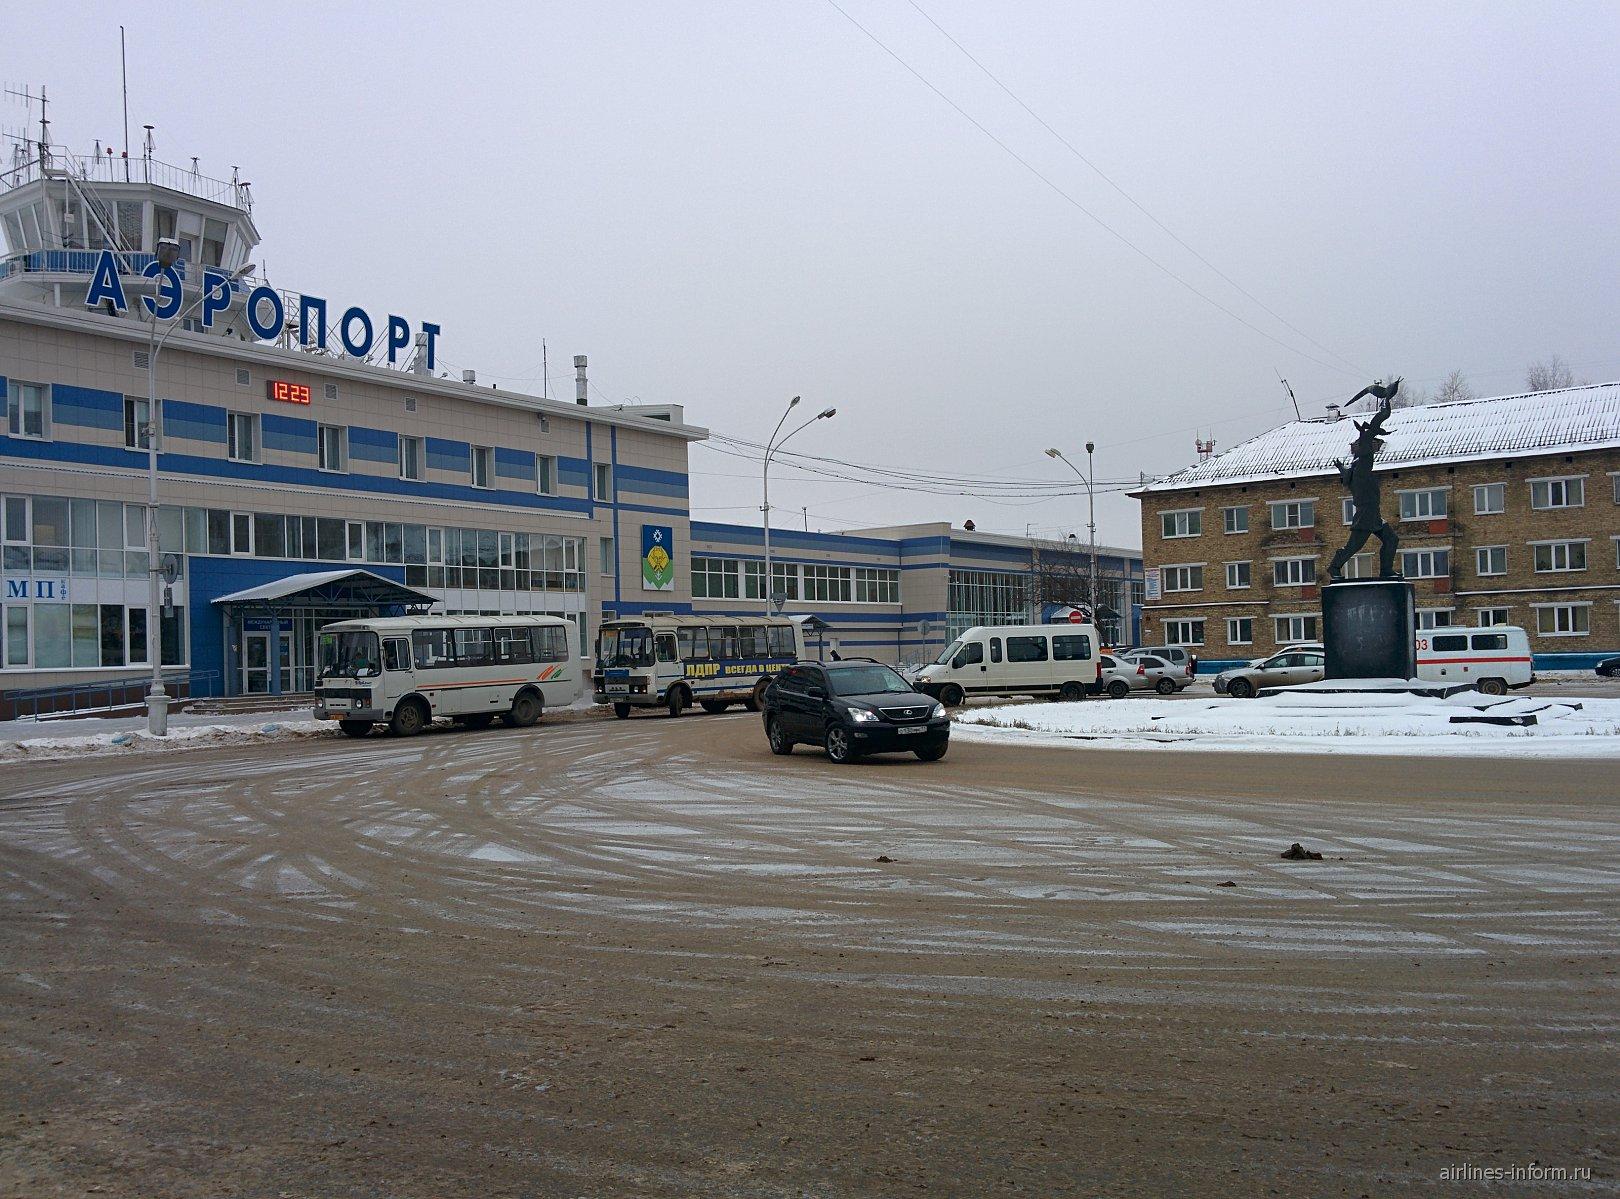 Привокзальная площадь аэропорта Сыктывкар